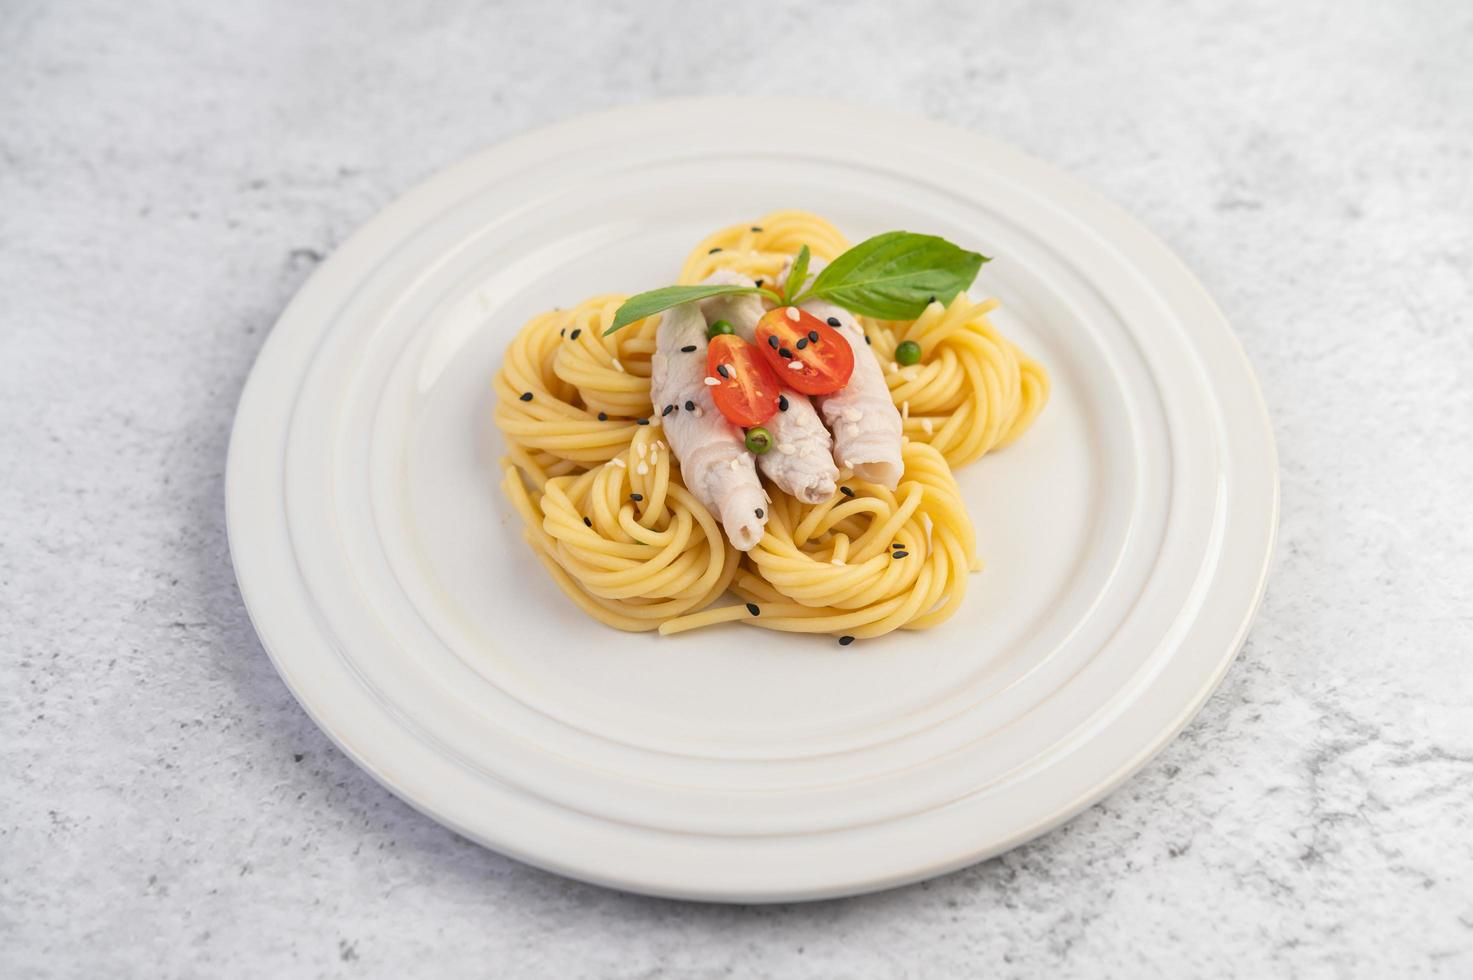 vergulde spaghetti en varkensvlees gerangschikt op een witte plaat foto